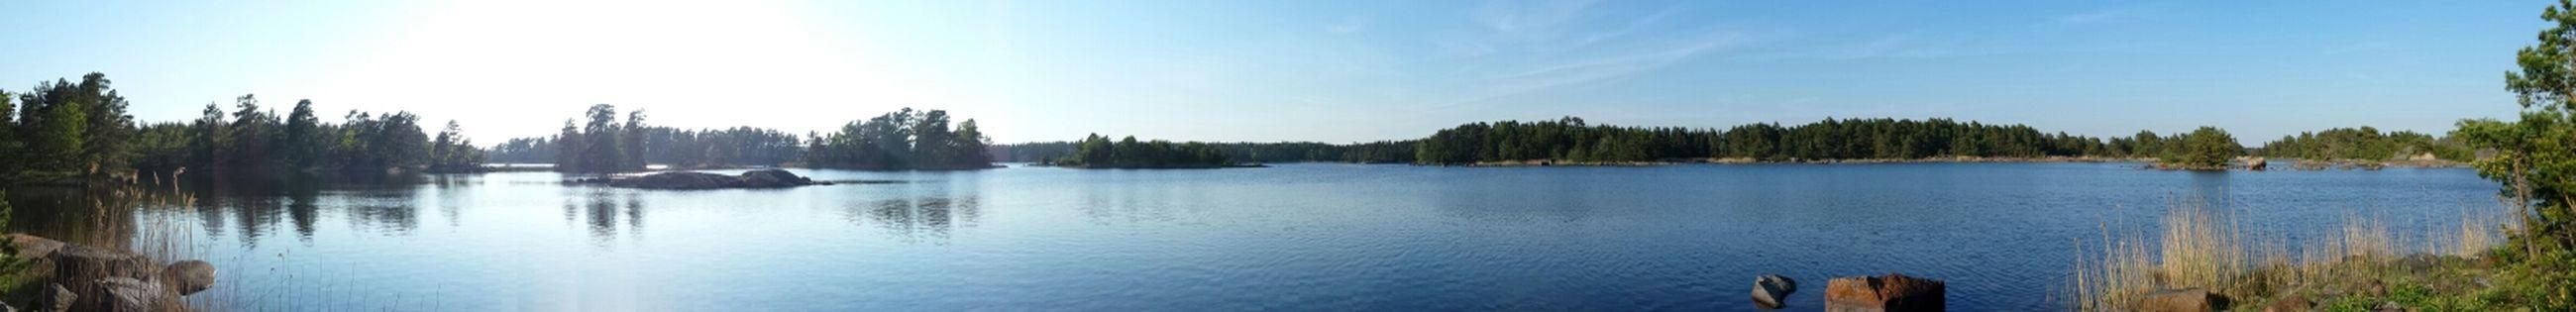 Relaxing Nature Sverige